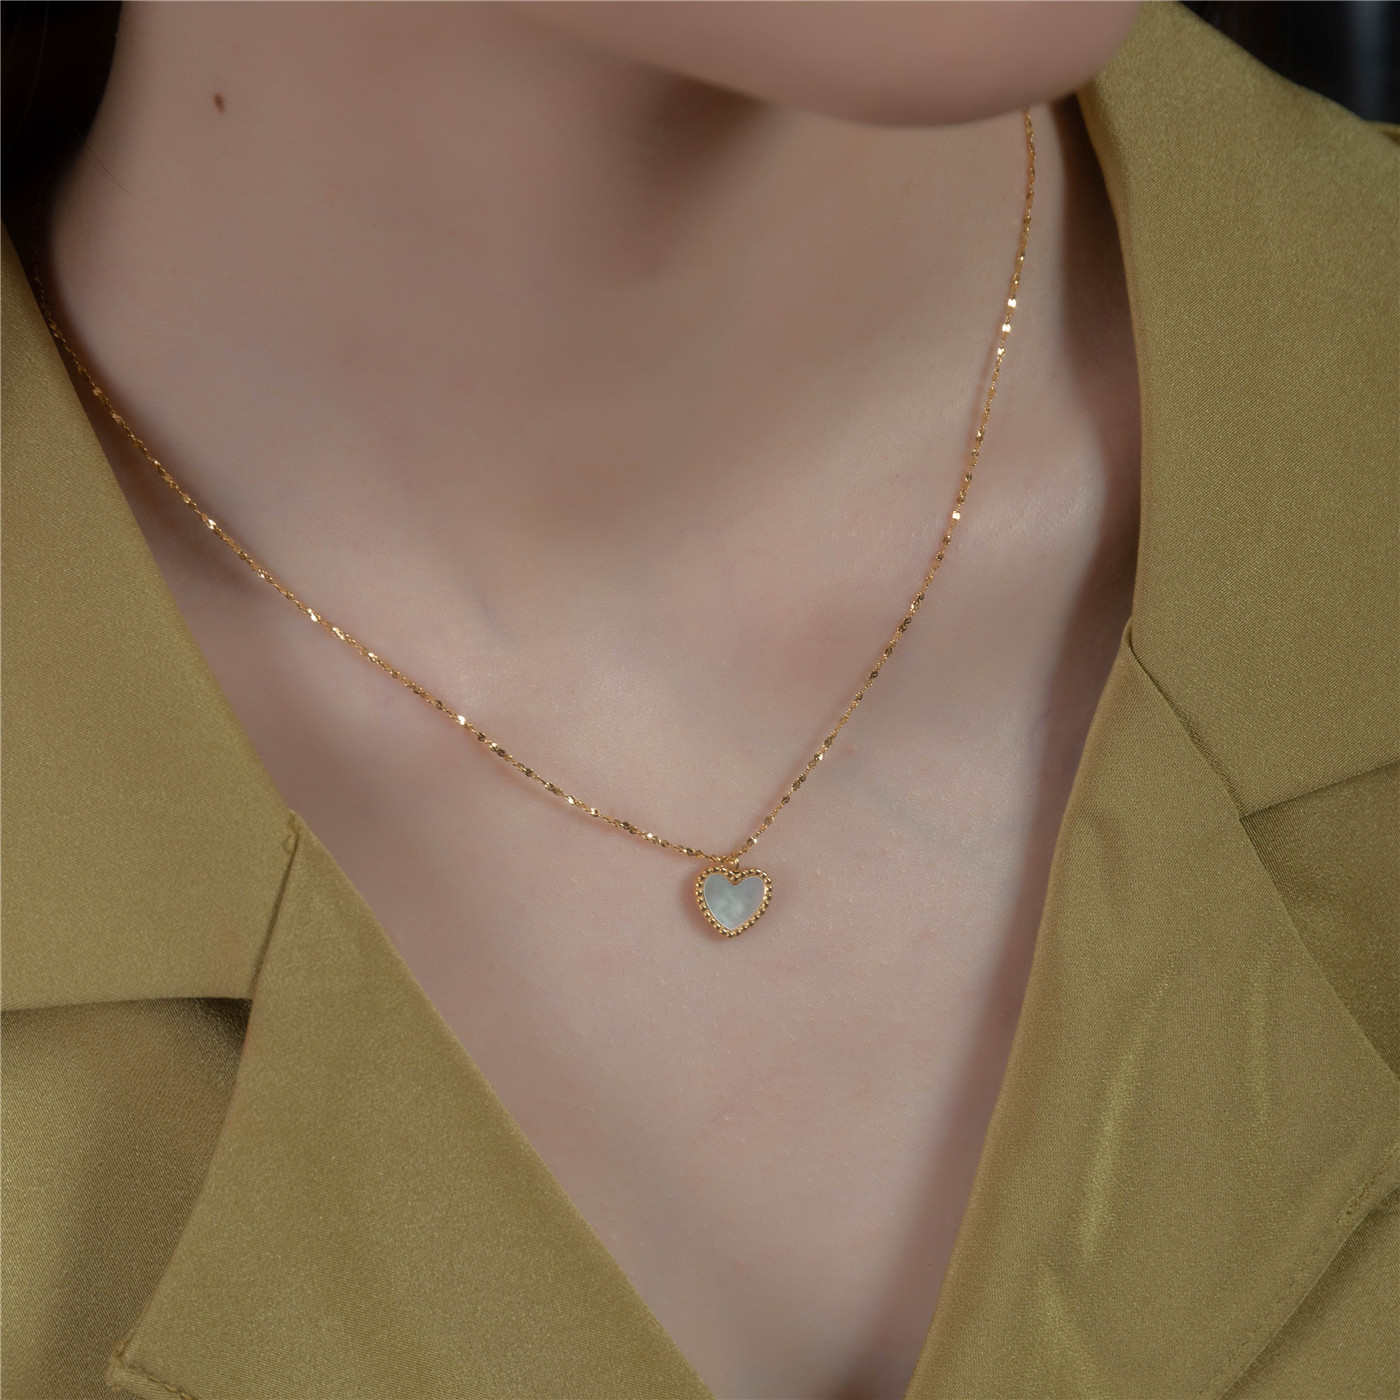 十里间 小清新贝母桃心项链钛钢镀18K百搭可调节锁骨链毛衣链